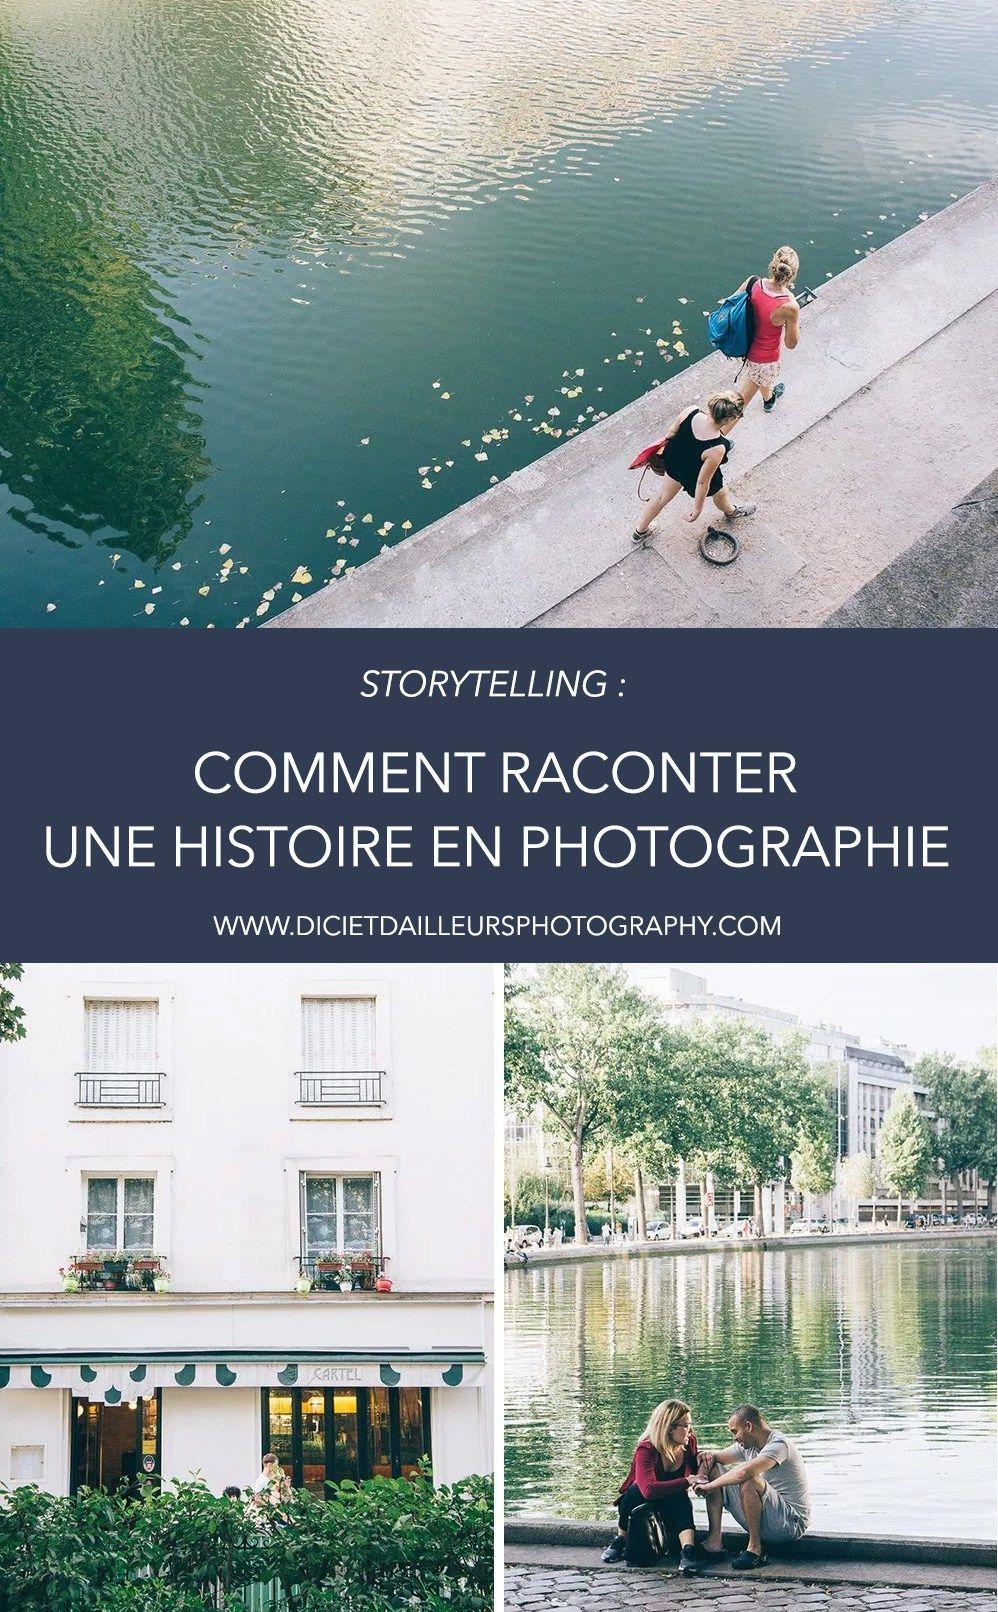 Photographier pour raconter une histoire